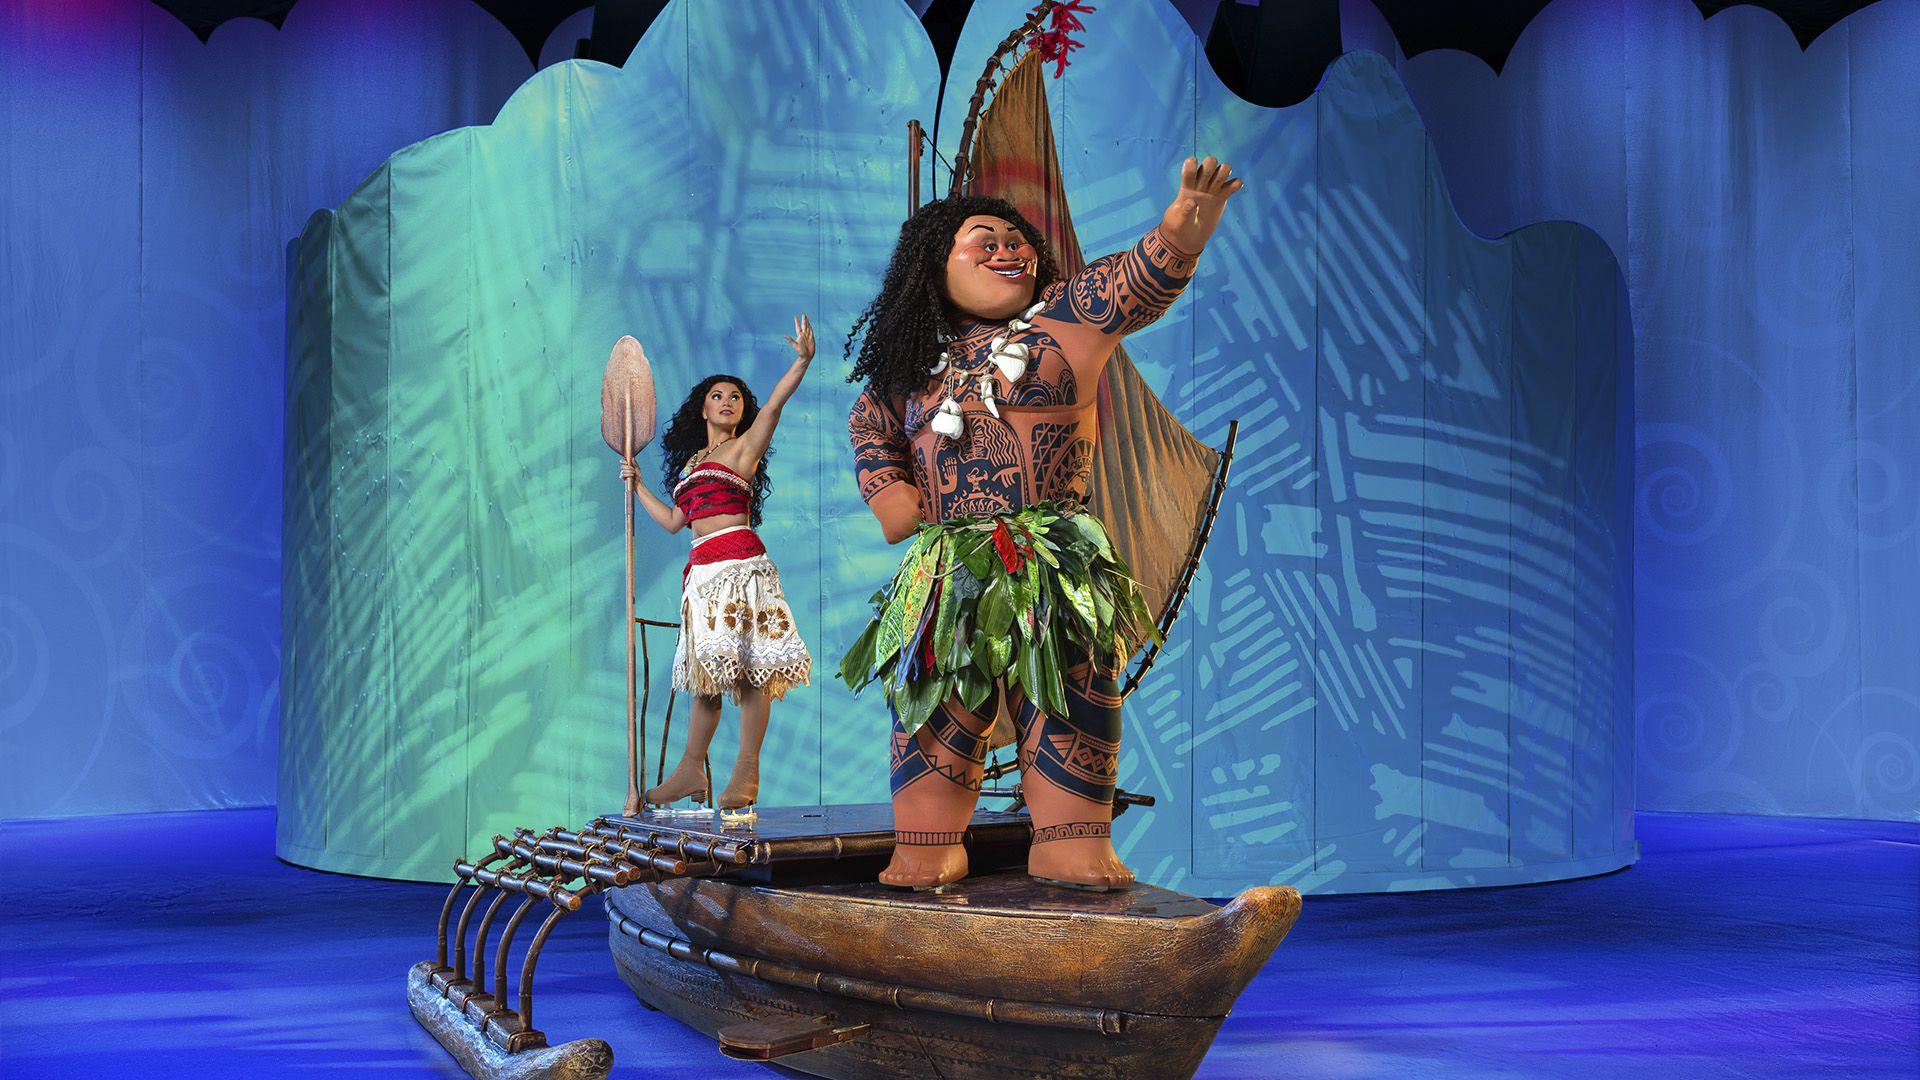 El espectáculo contará por primera vez con la participación en vivo de Moana (Disney on Ice)